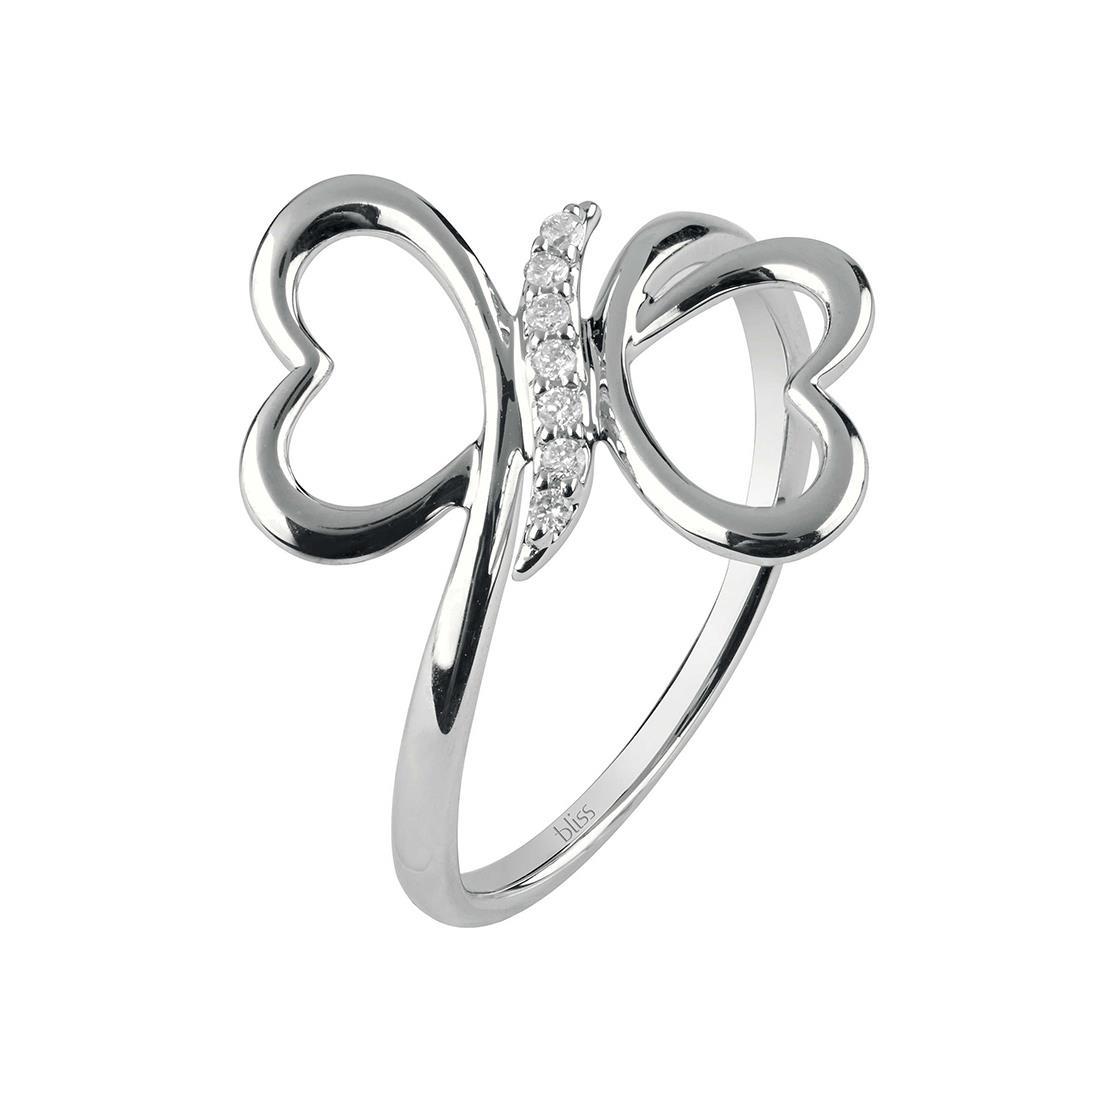 Anello con diamanti - BLISS